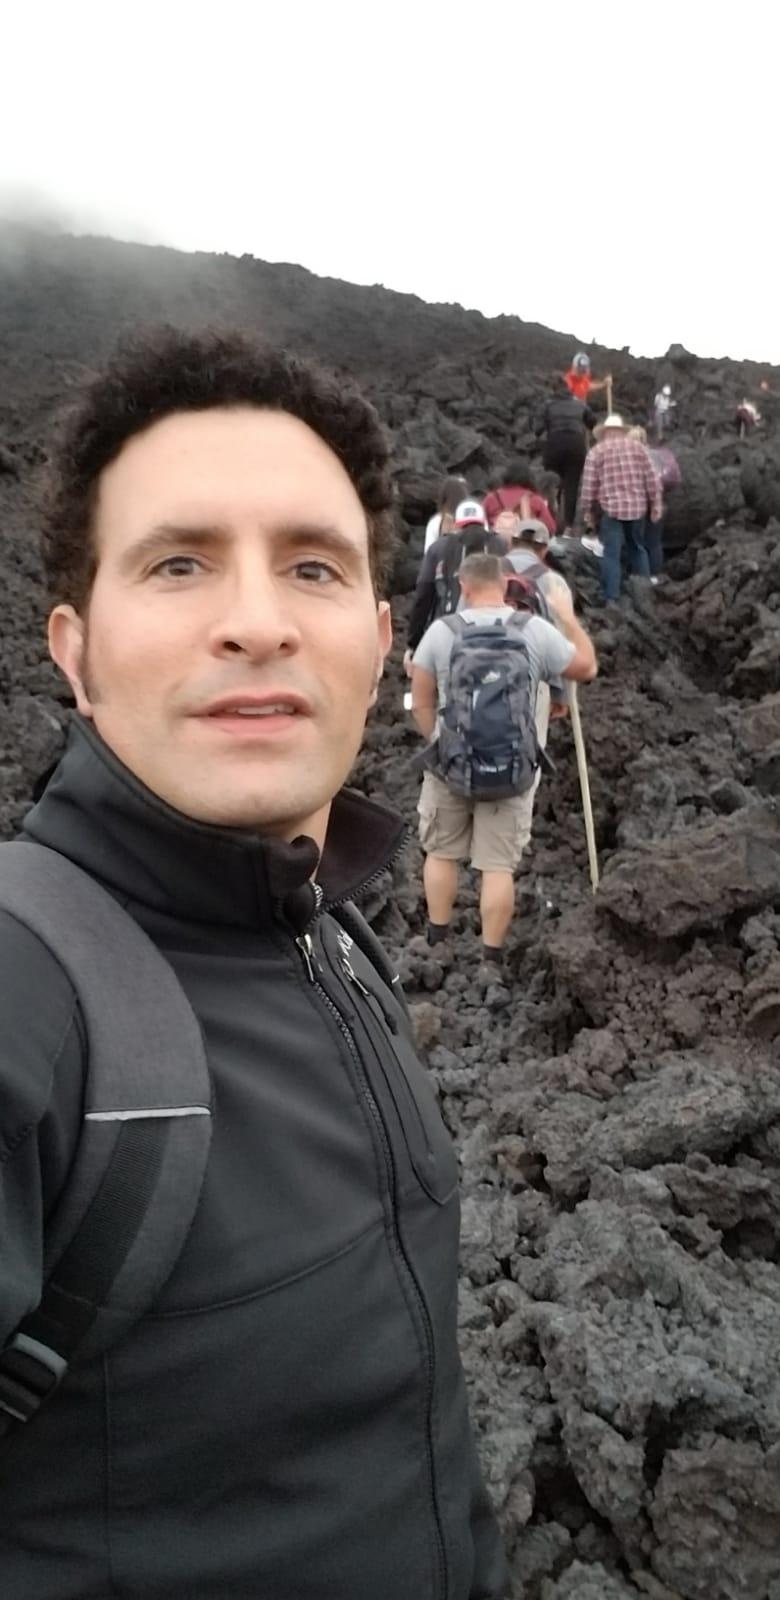 On way to Volcan de Pacaya